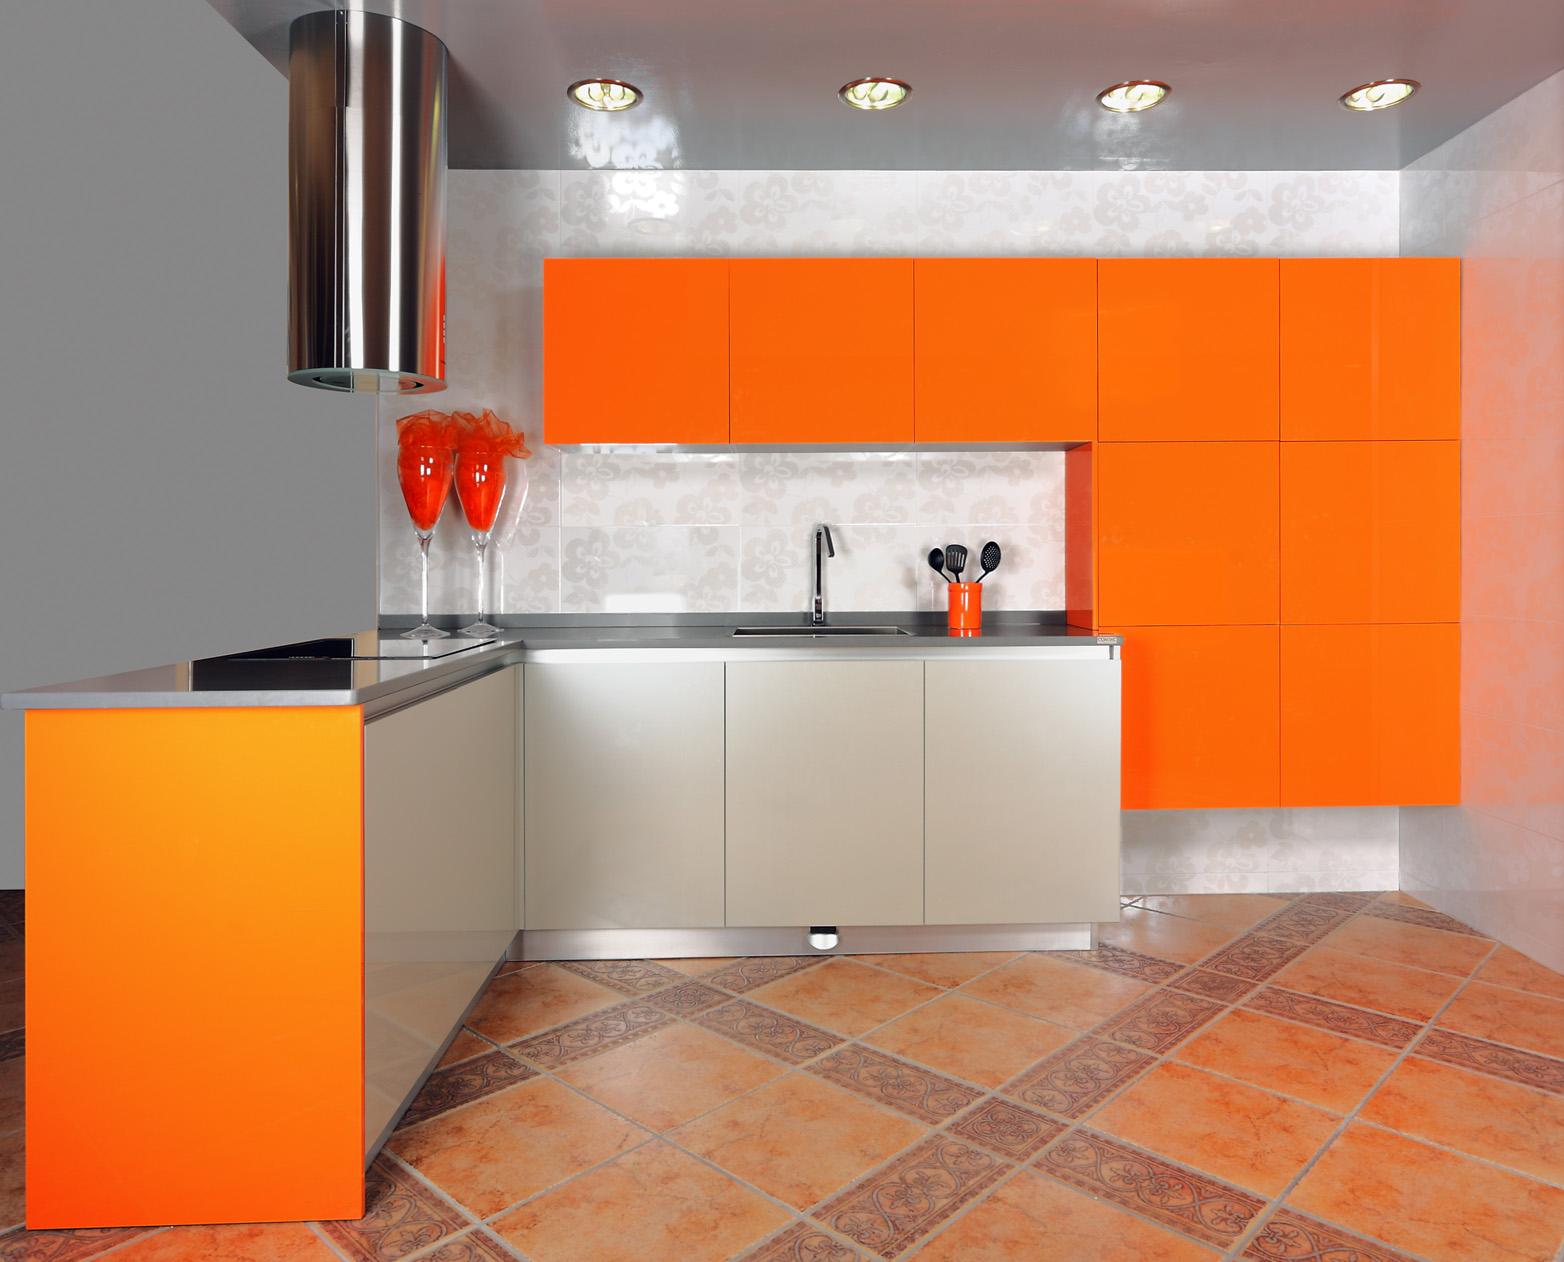 Muebles pedro del saz guadalajara obtenga ideas dise o for Comprar cocinas en madrid